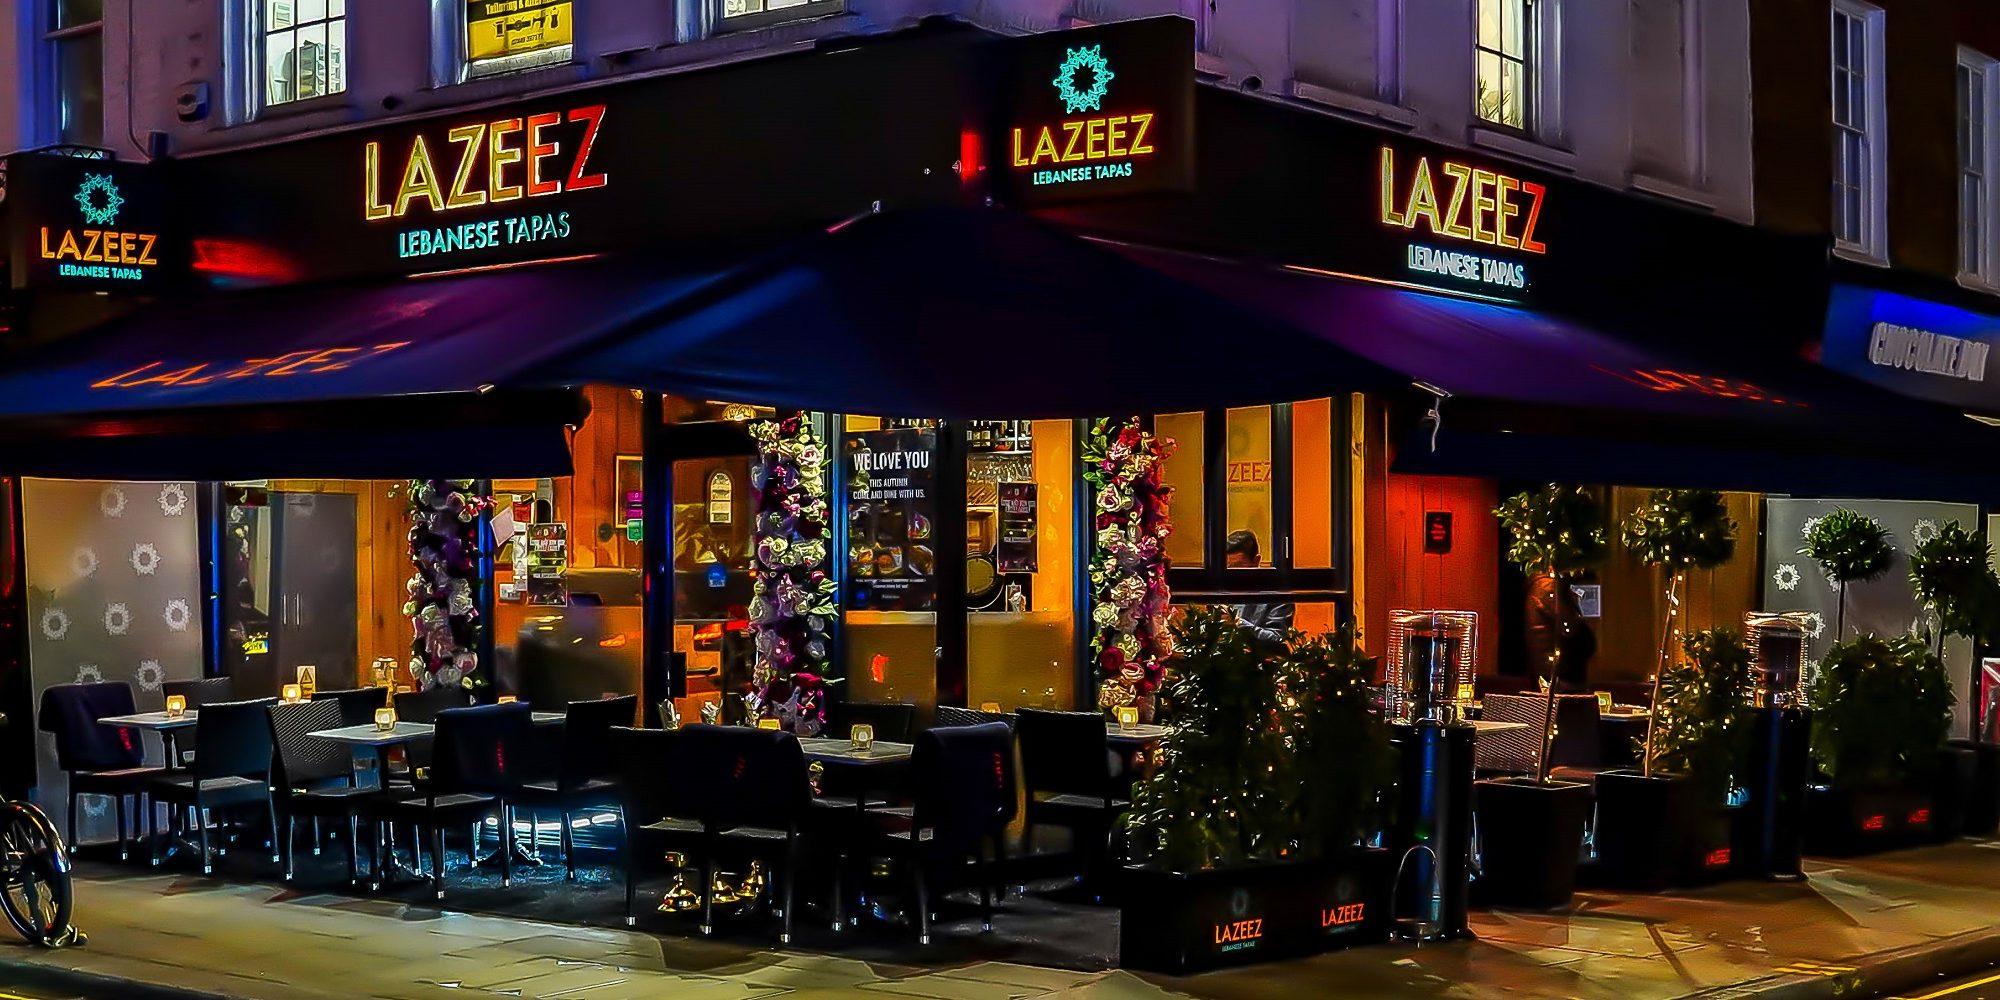 Lazeez Winter Terrace